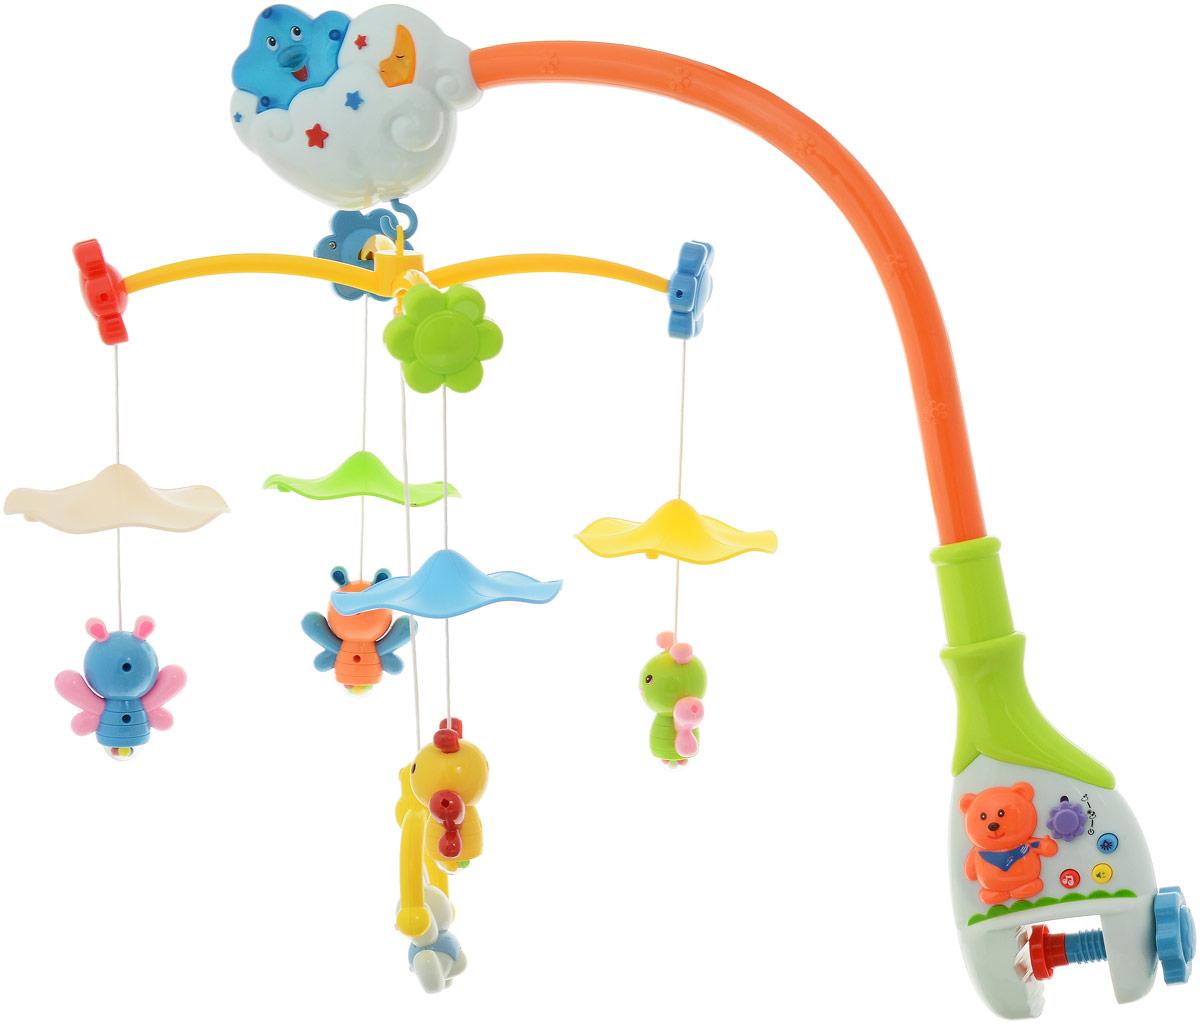 Zhorya Музыкальный мобиль Потеша В облаках - Игрушки для малышей